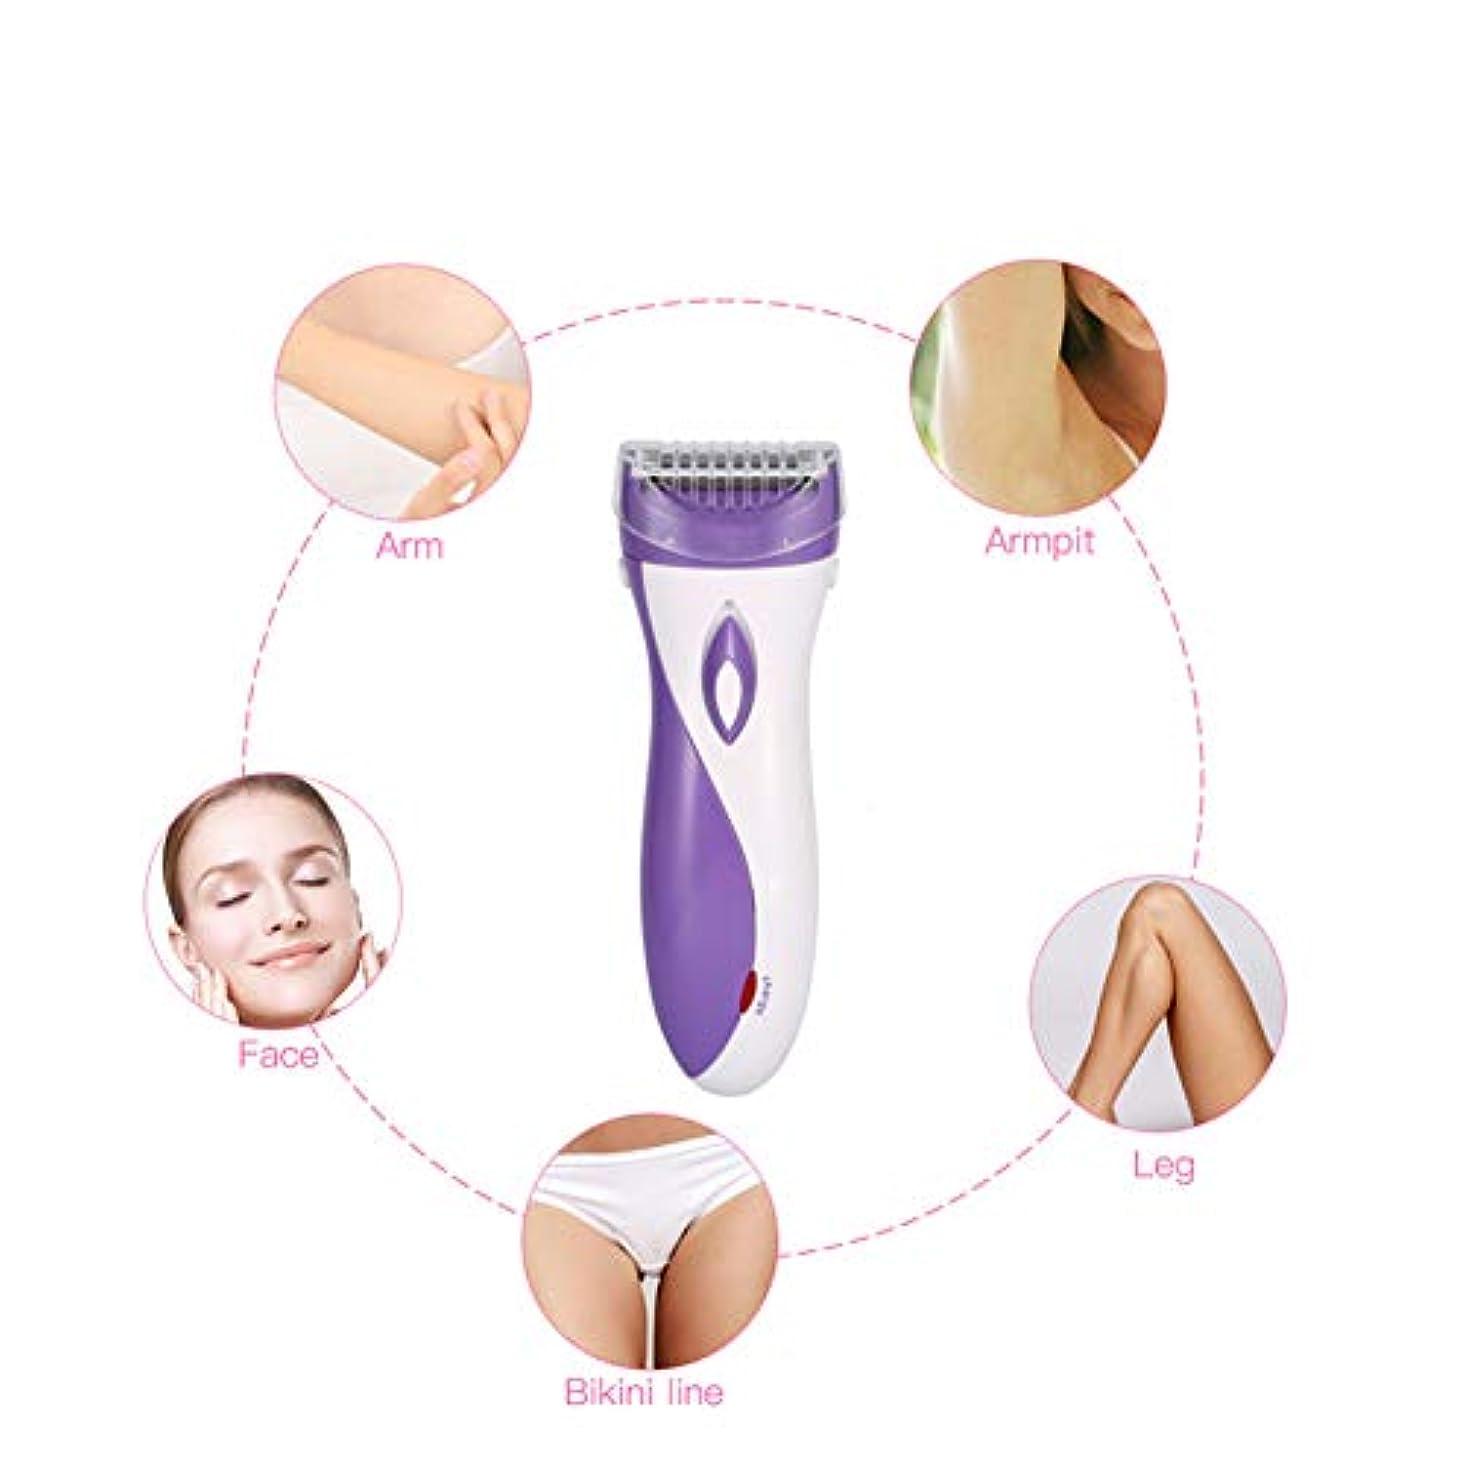 一致する海藻地元女性の電気毛の除去剤、ボディ顔の毛の除去剤、小型方法女性首の足のビキニのトリマー